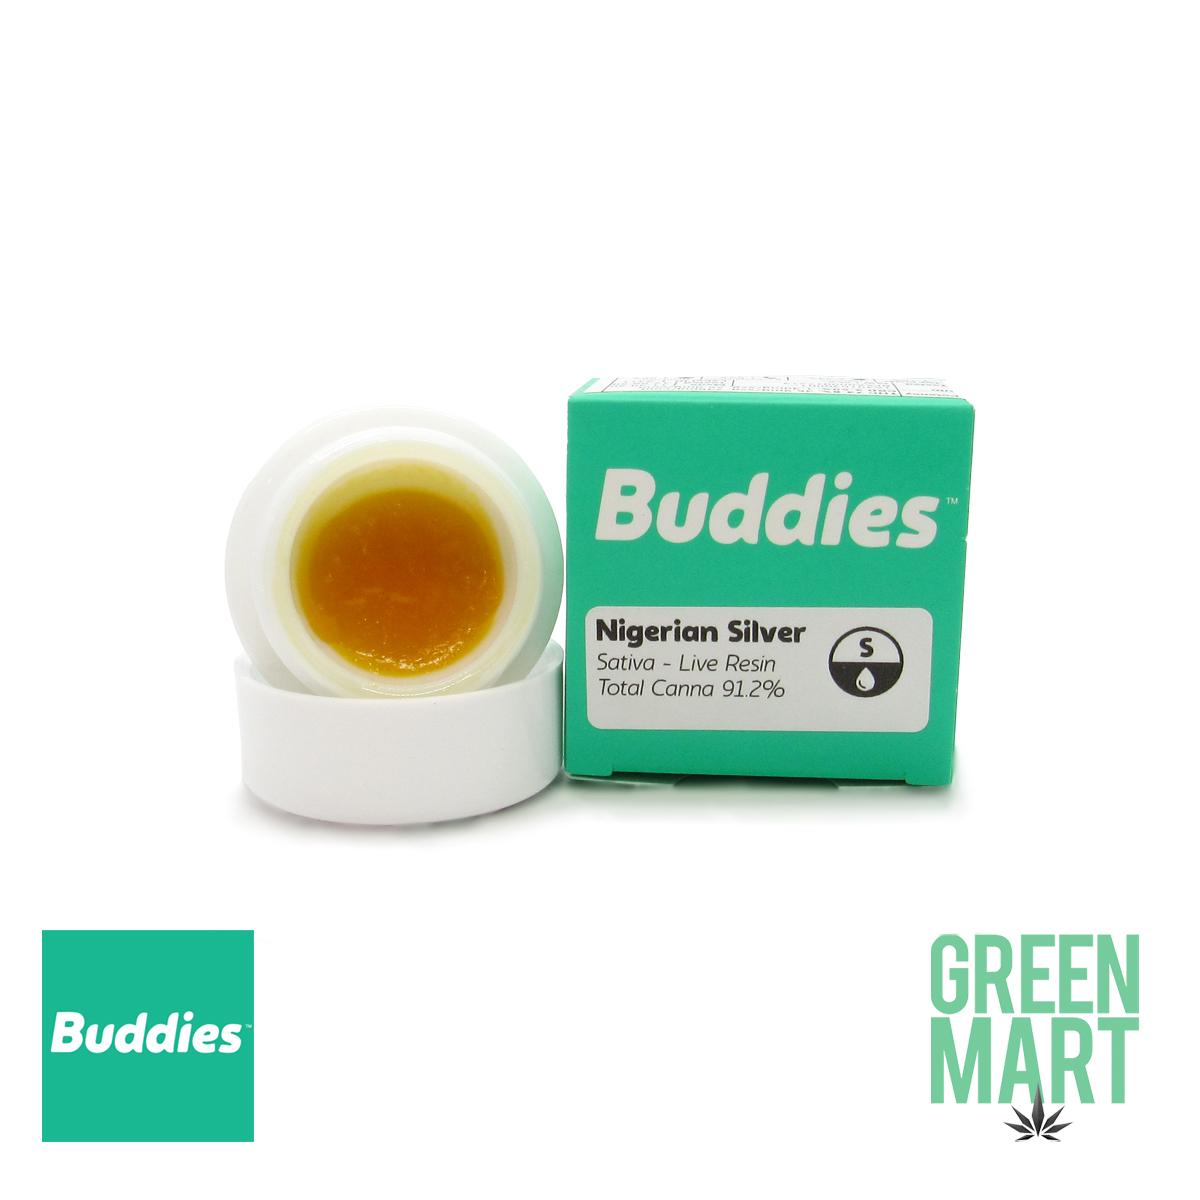 Buddies Dab - Nigerian Silver